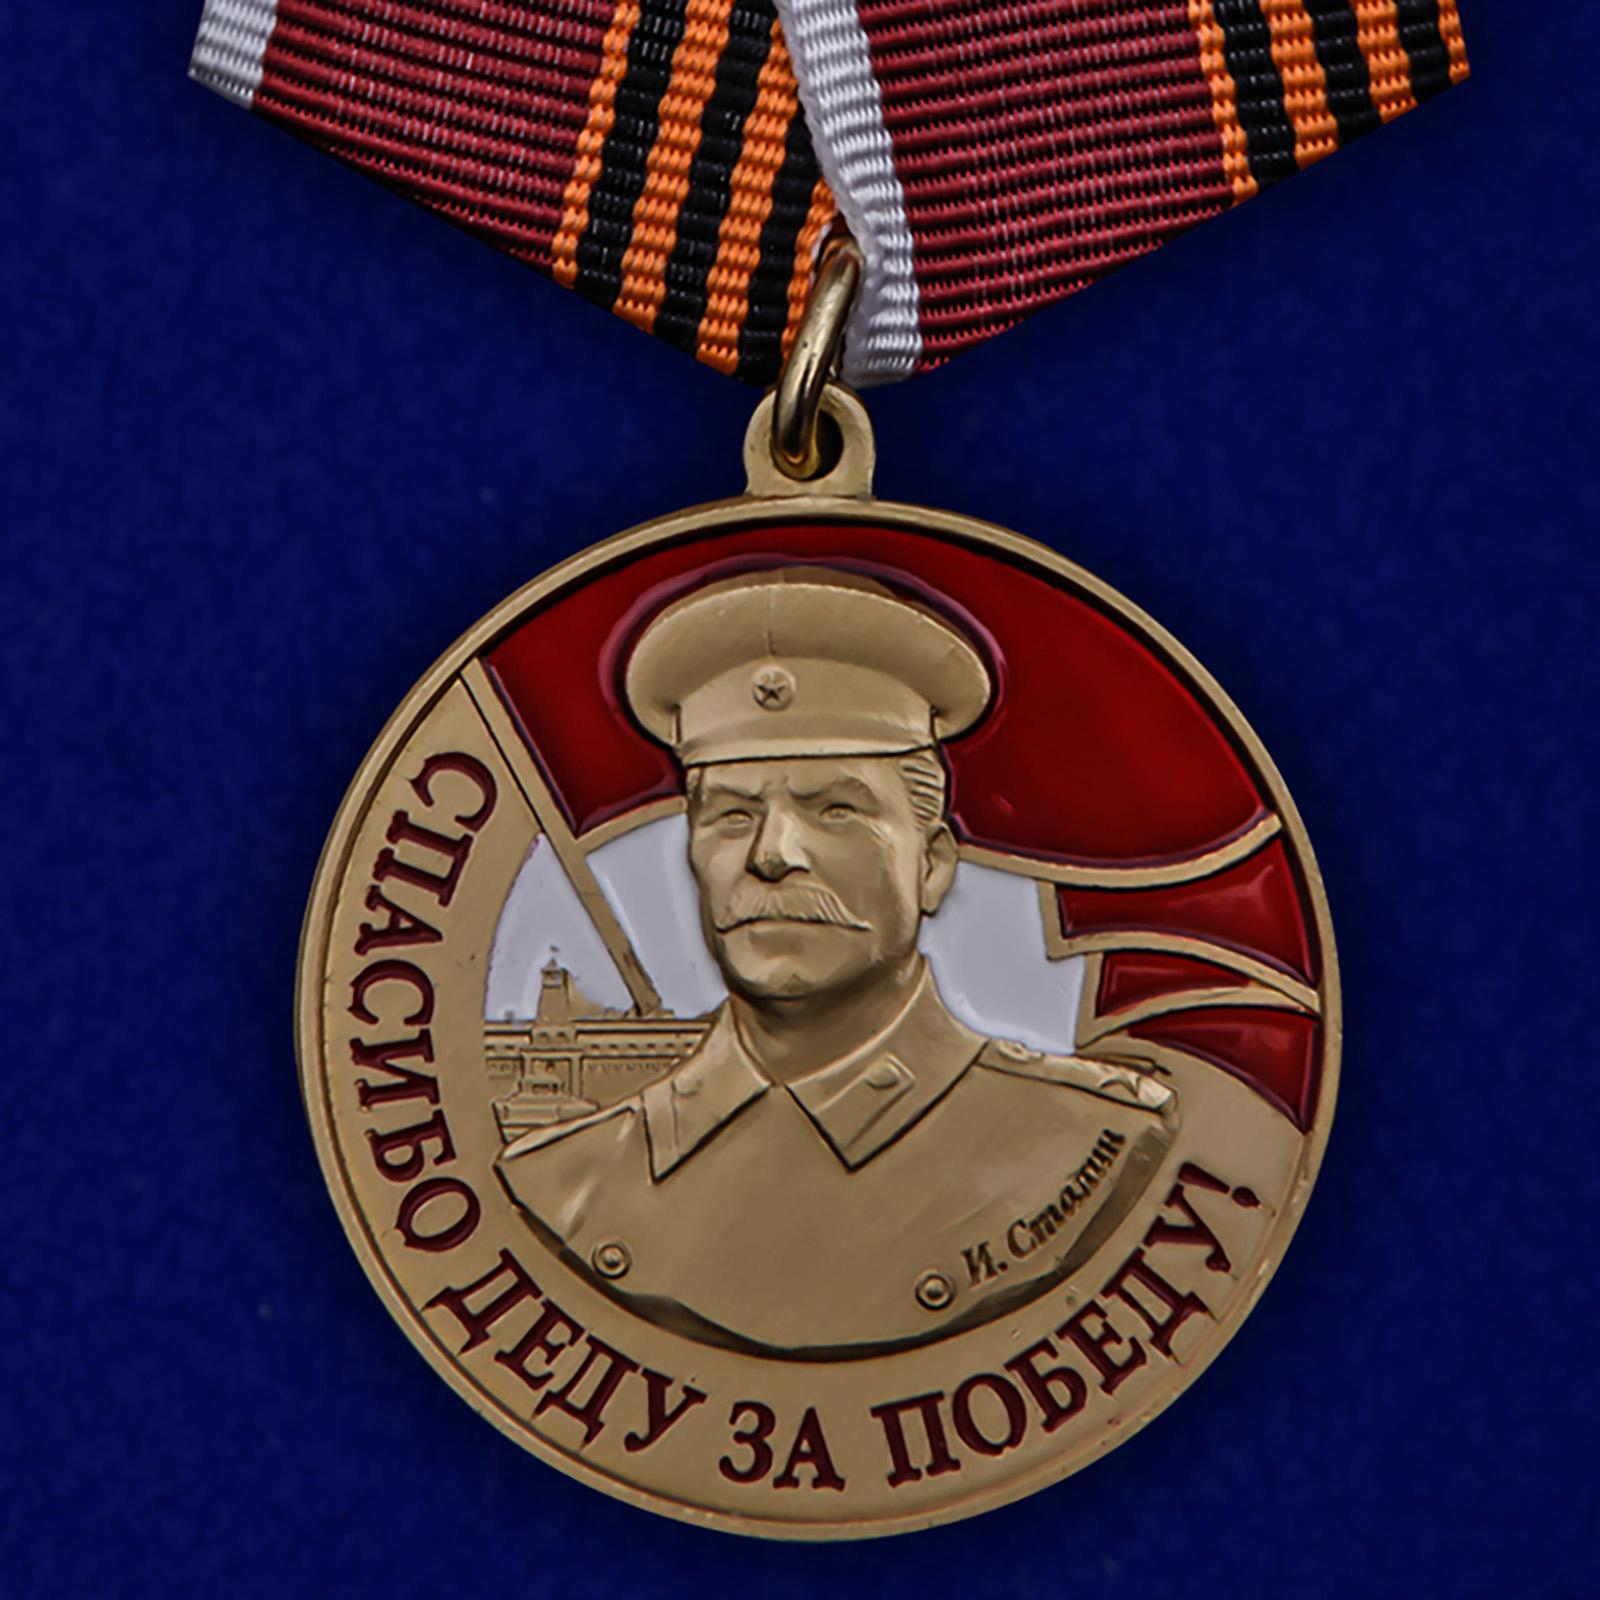 Купить медаль со Сталиным Спасибо деду за Победу на подставке выгодно